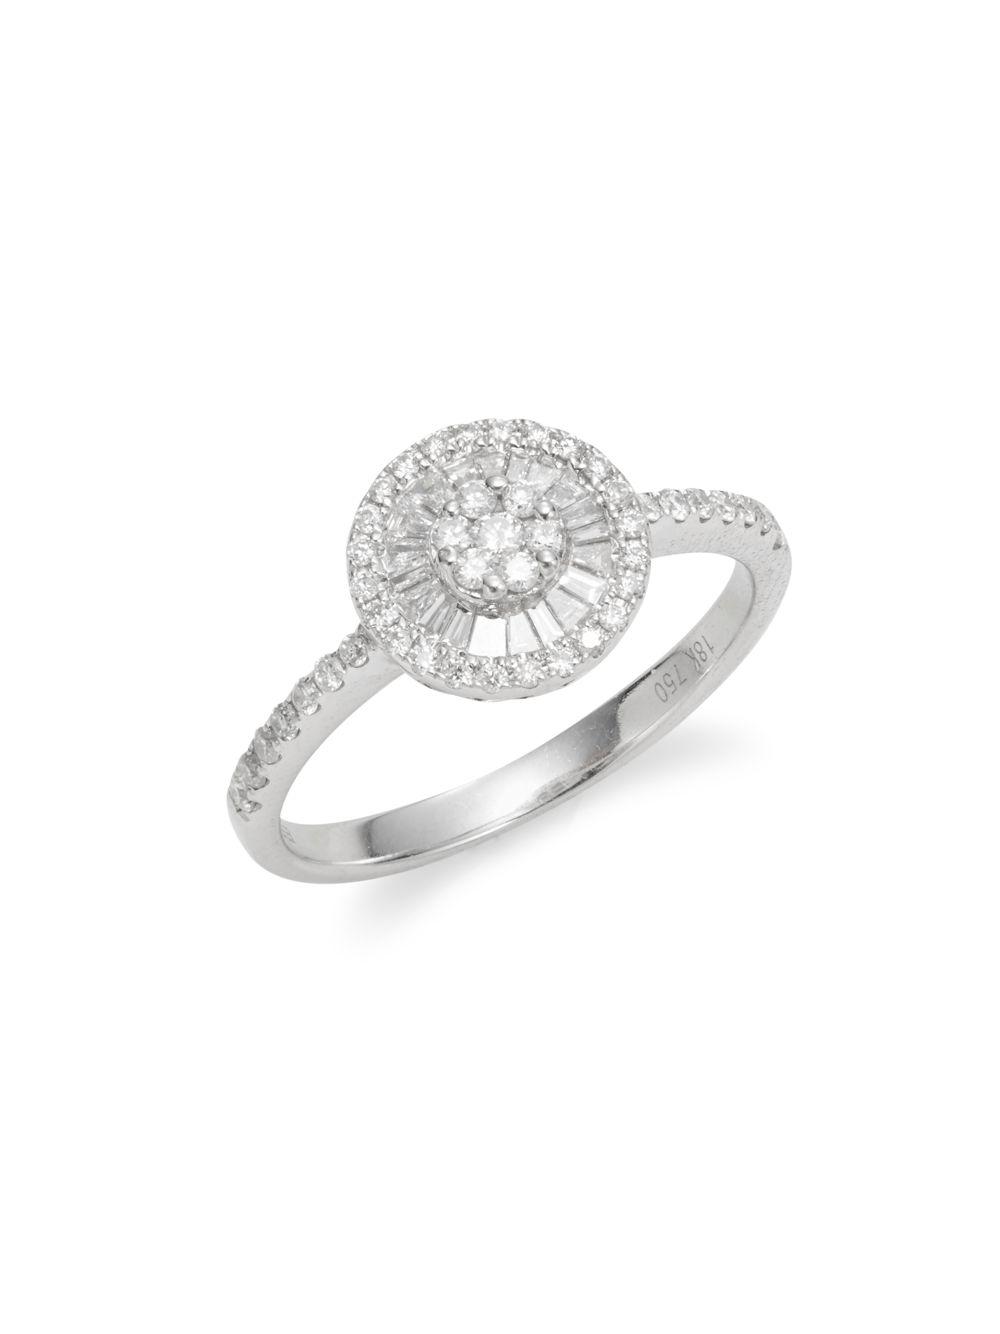 Effy Pave Diamond Halo Ring